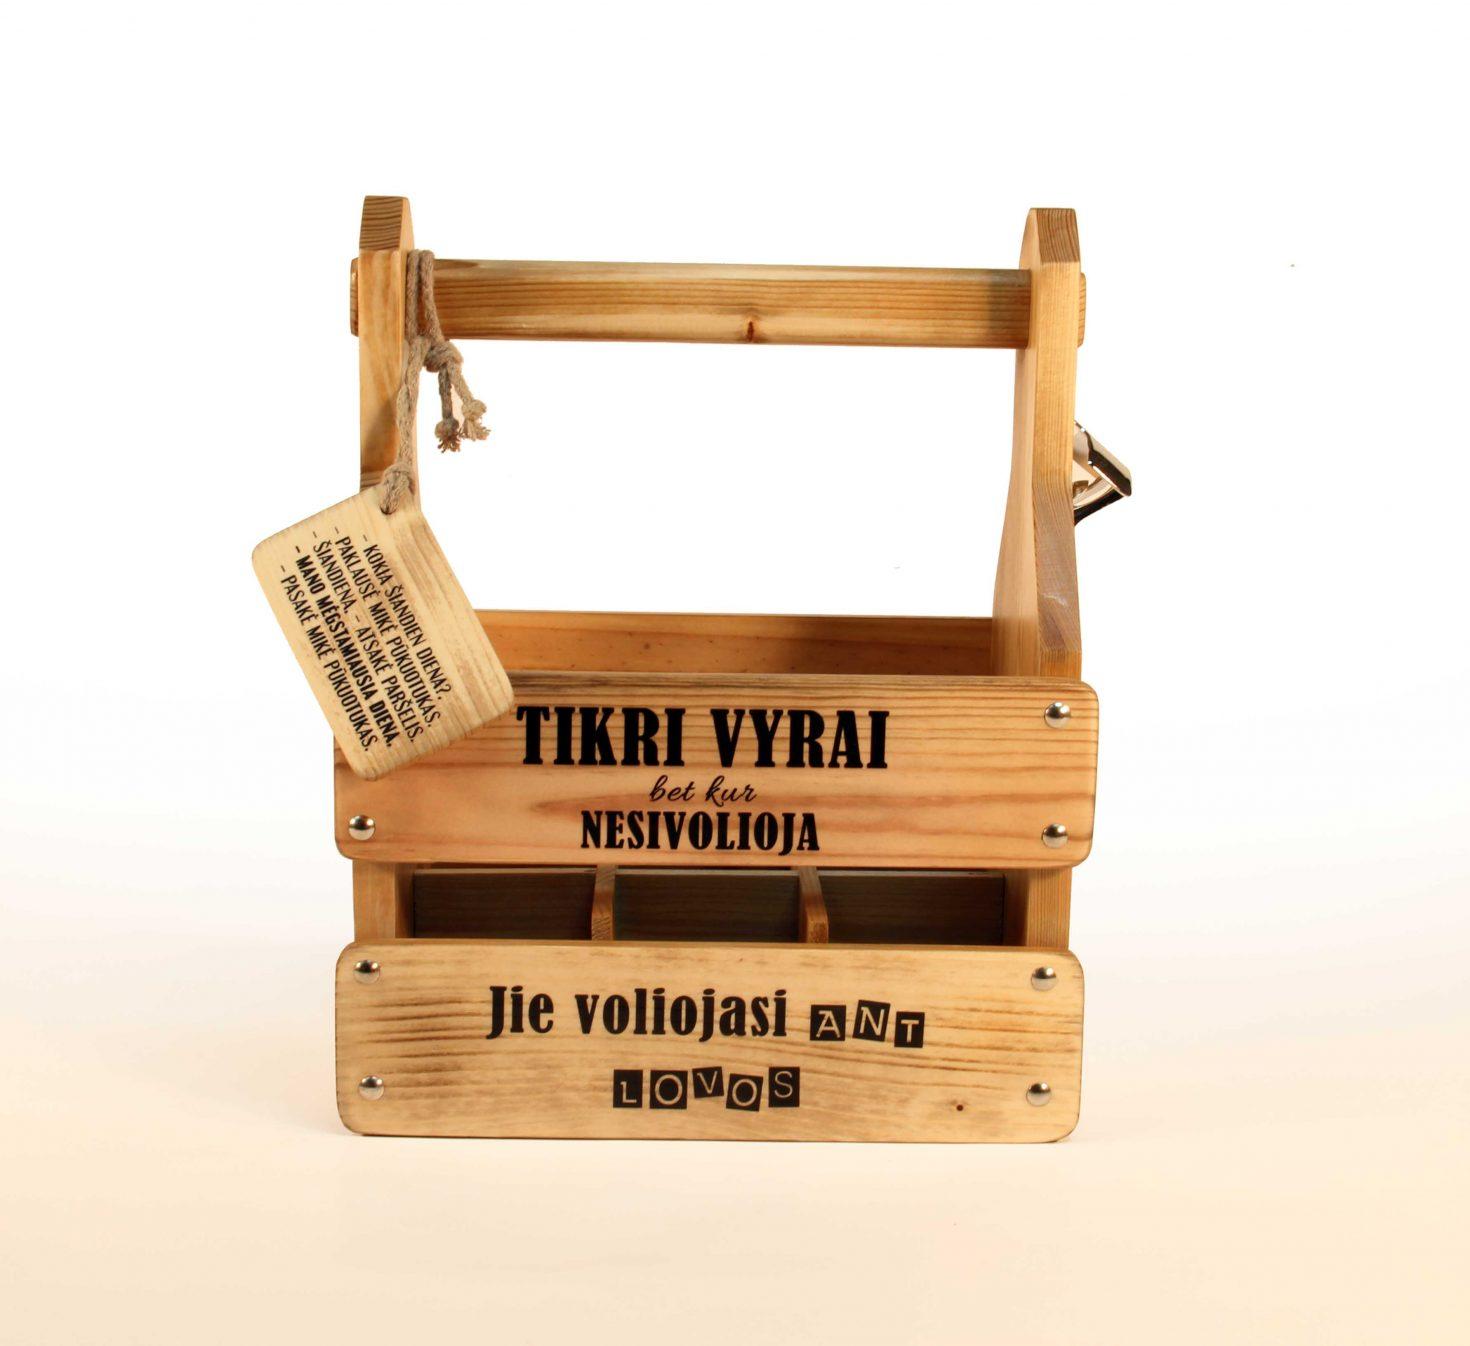 Dovana Tikram Vyrui butelių dėžutė su tekstu